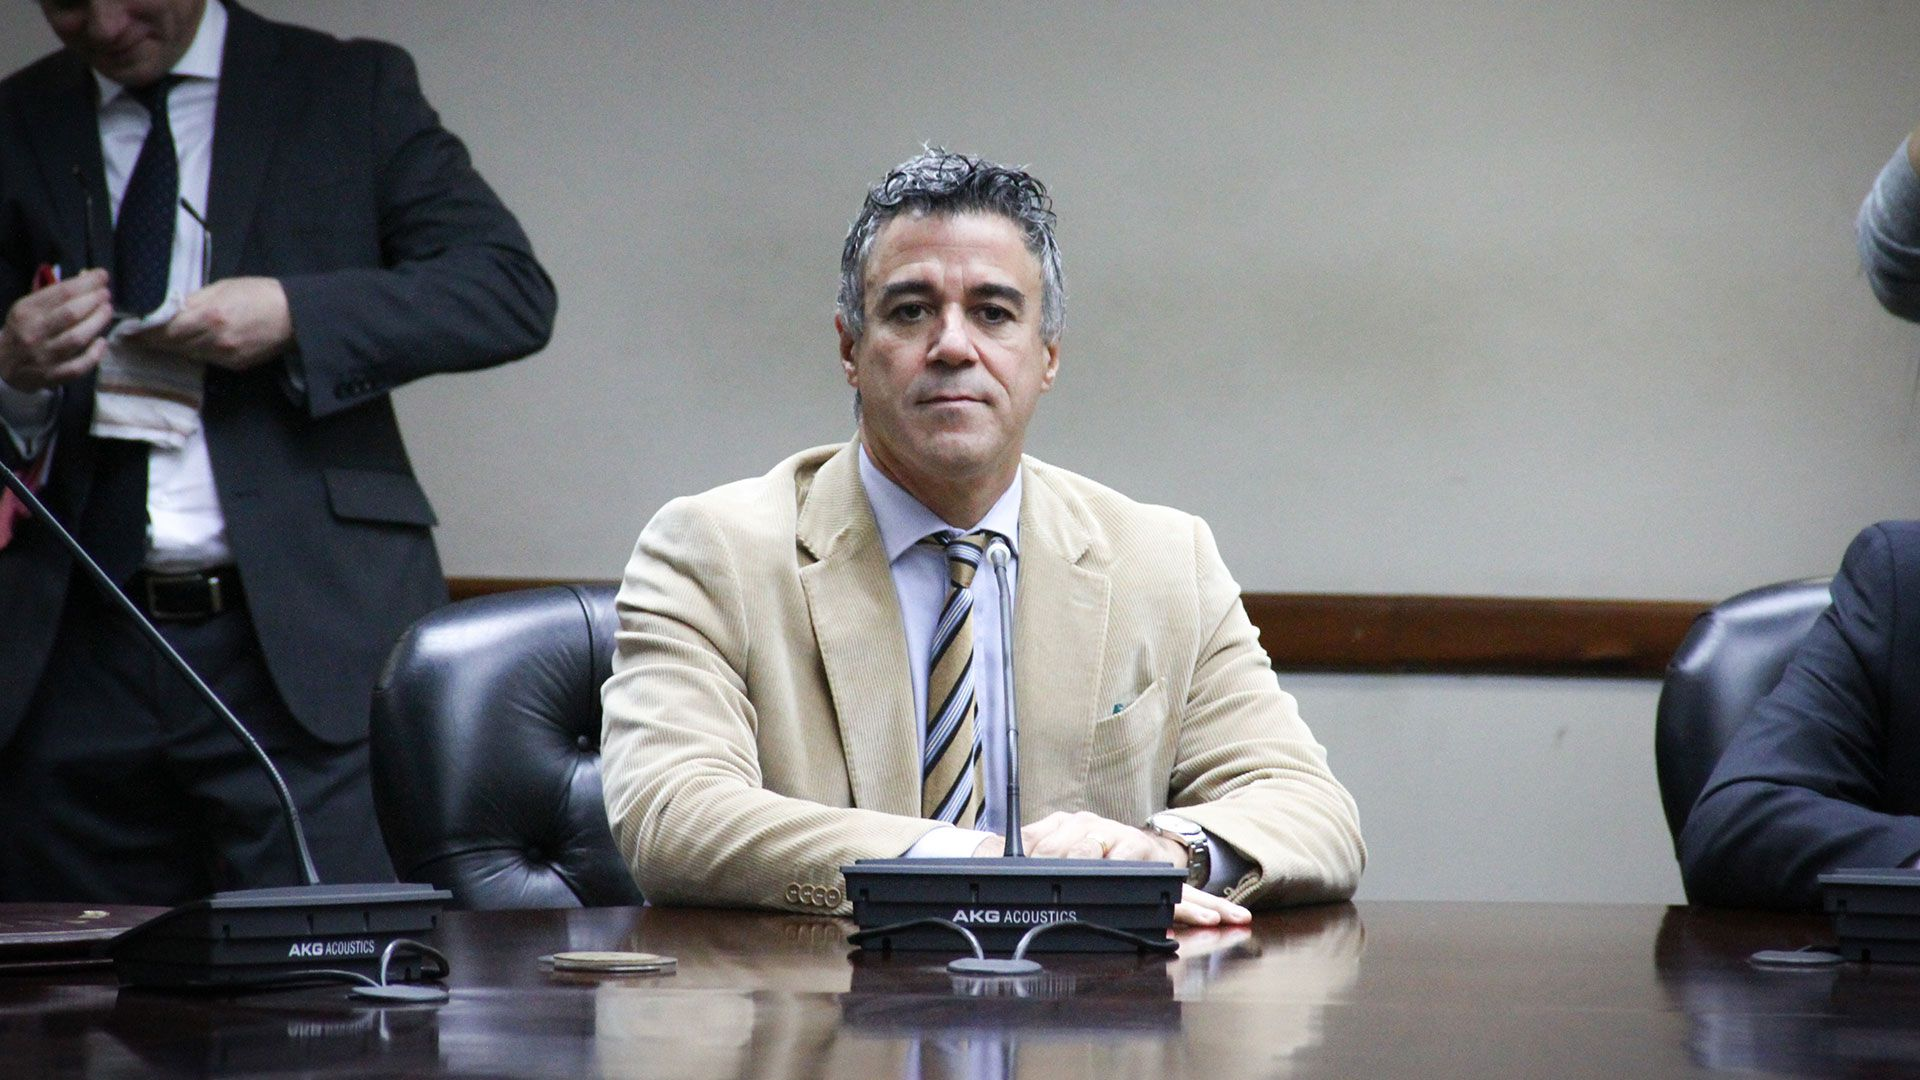 El juez federal Daniel Rafecas fue nominado por el oficialismo para ocupar la Procuración General, pero no está dispuesto a ser designado a través de un procedimiento irregular (Consejo de la Magistratura de la Nación)